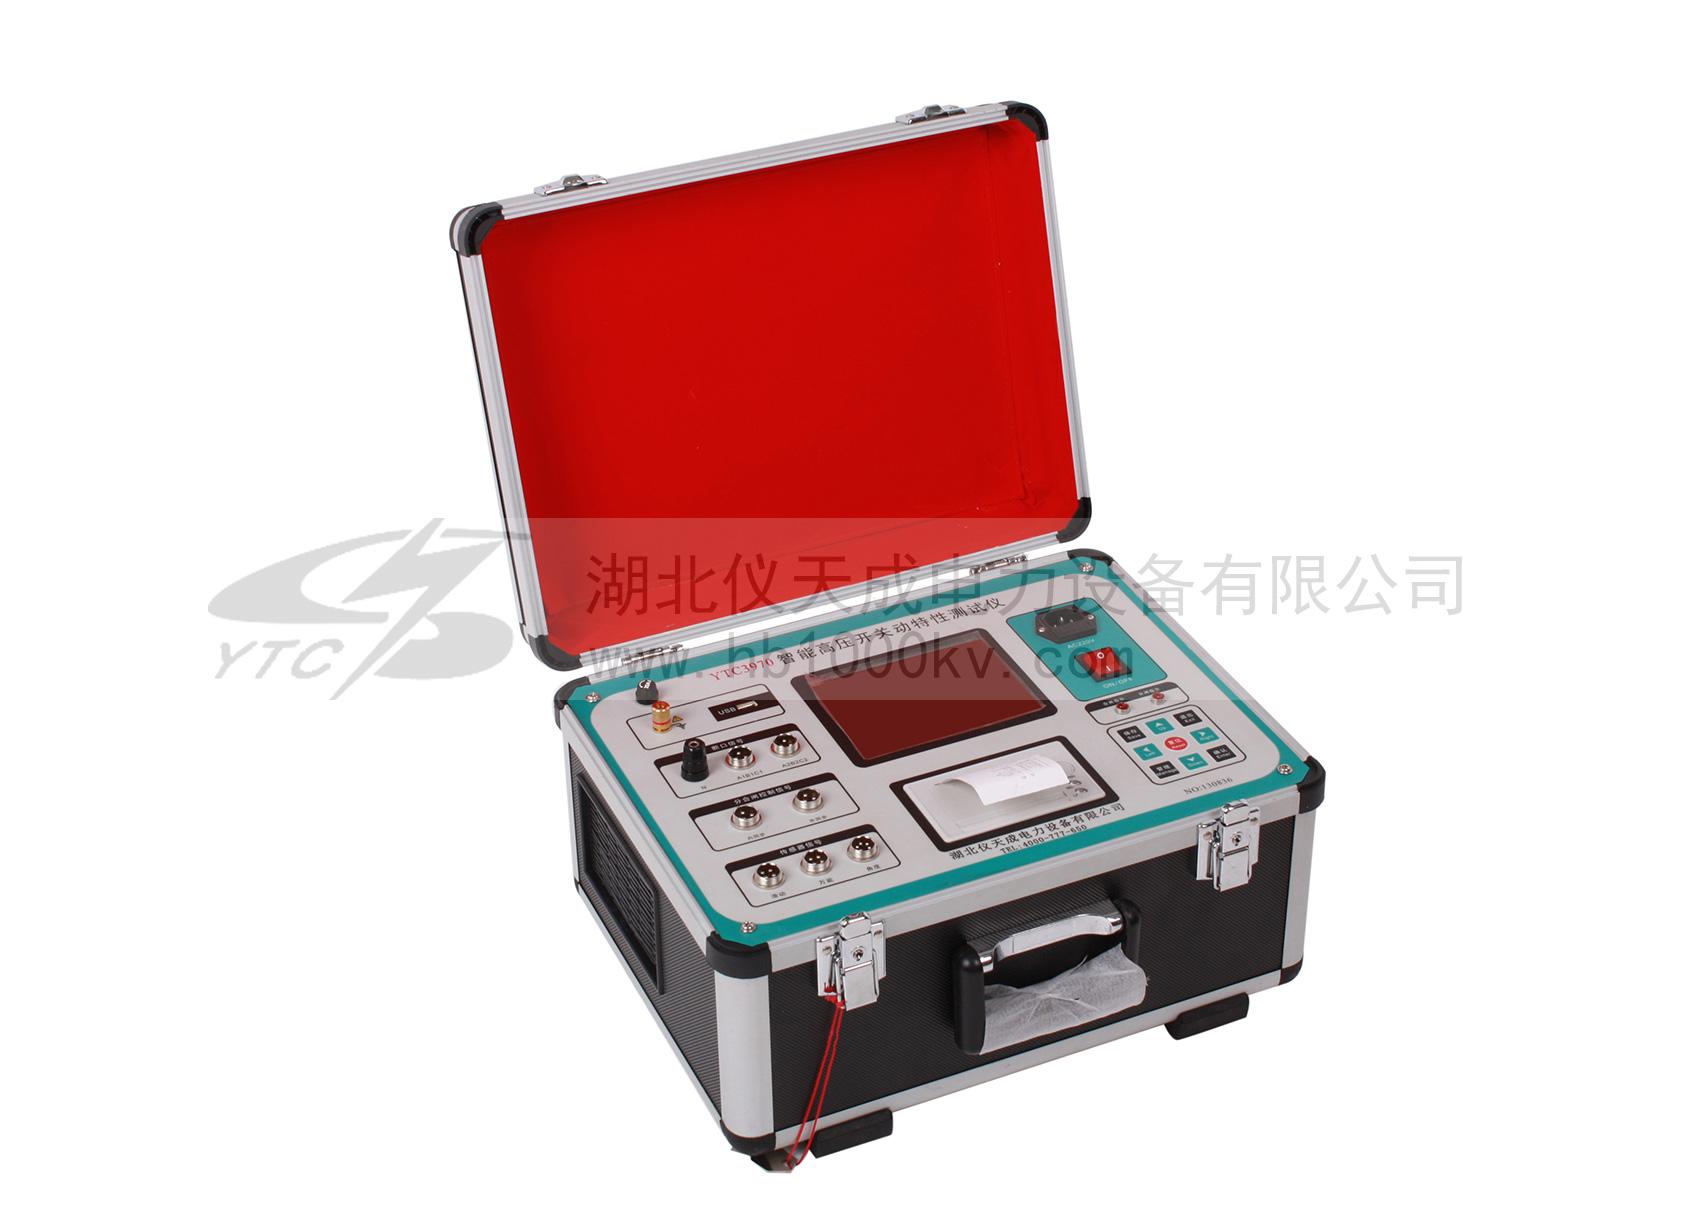 YTC3970高压开关动特性测试仪主机